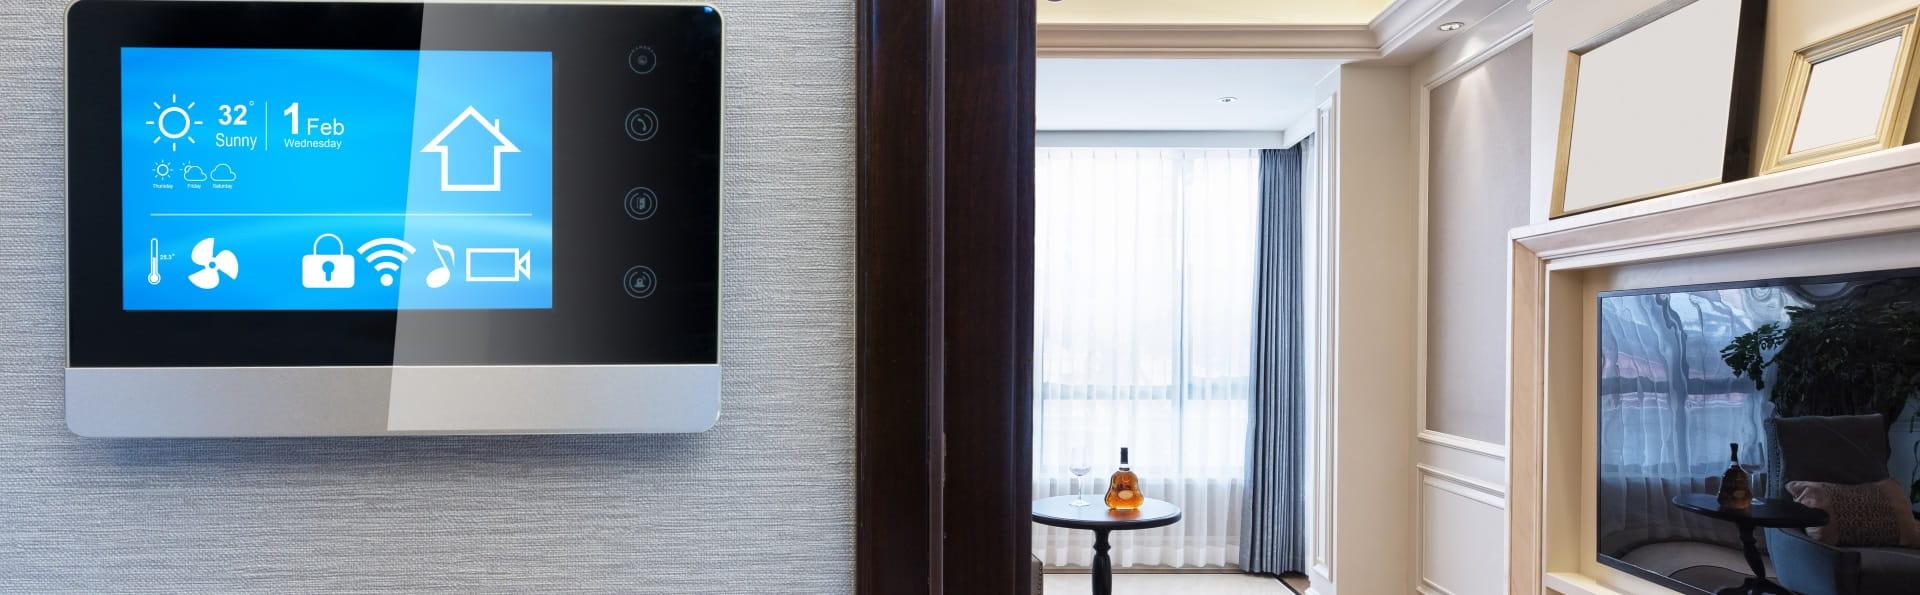 altbau zum smart home nachr sten. Black Bedroom Furniture Sets. Home Design Ideas